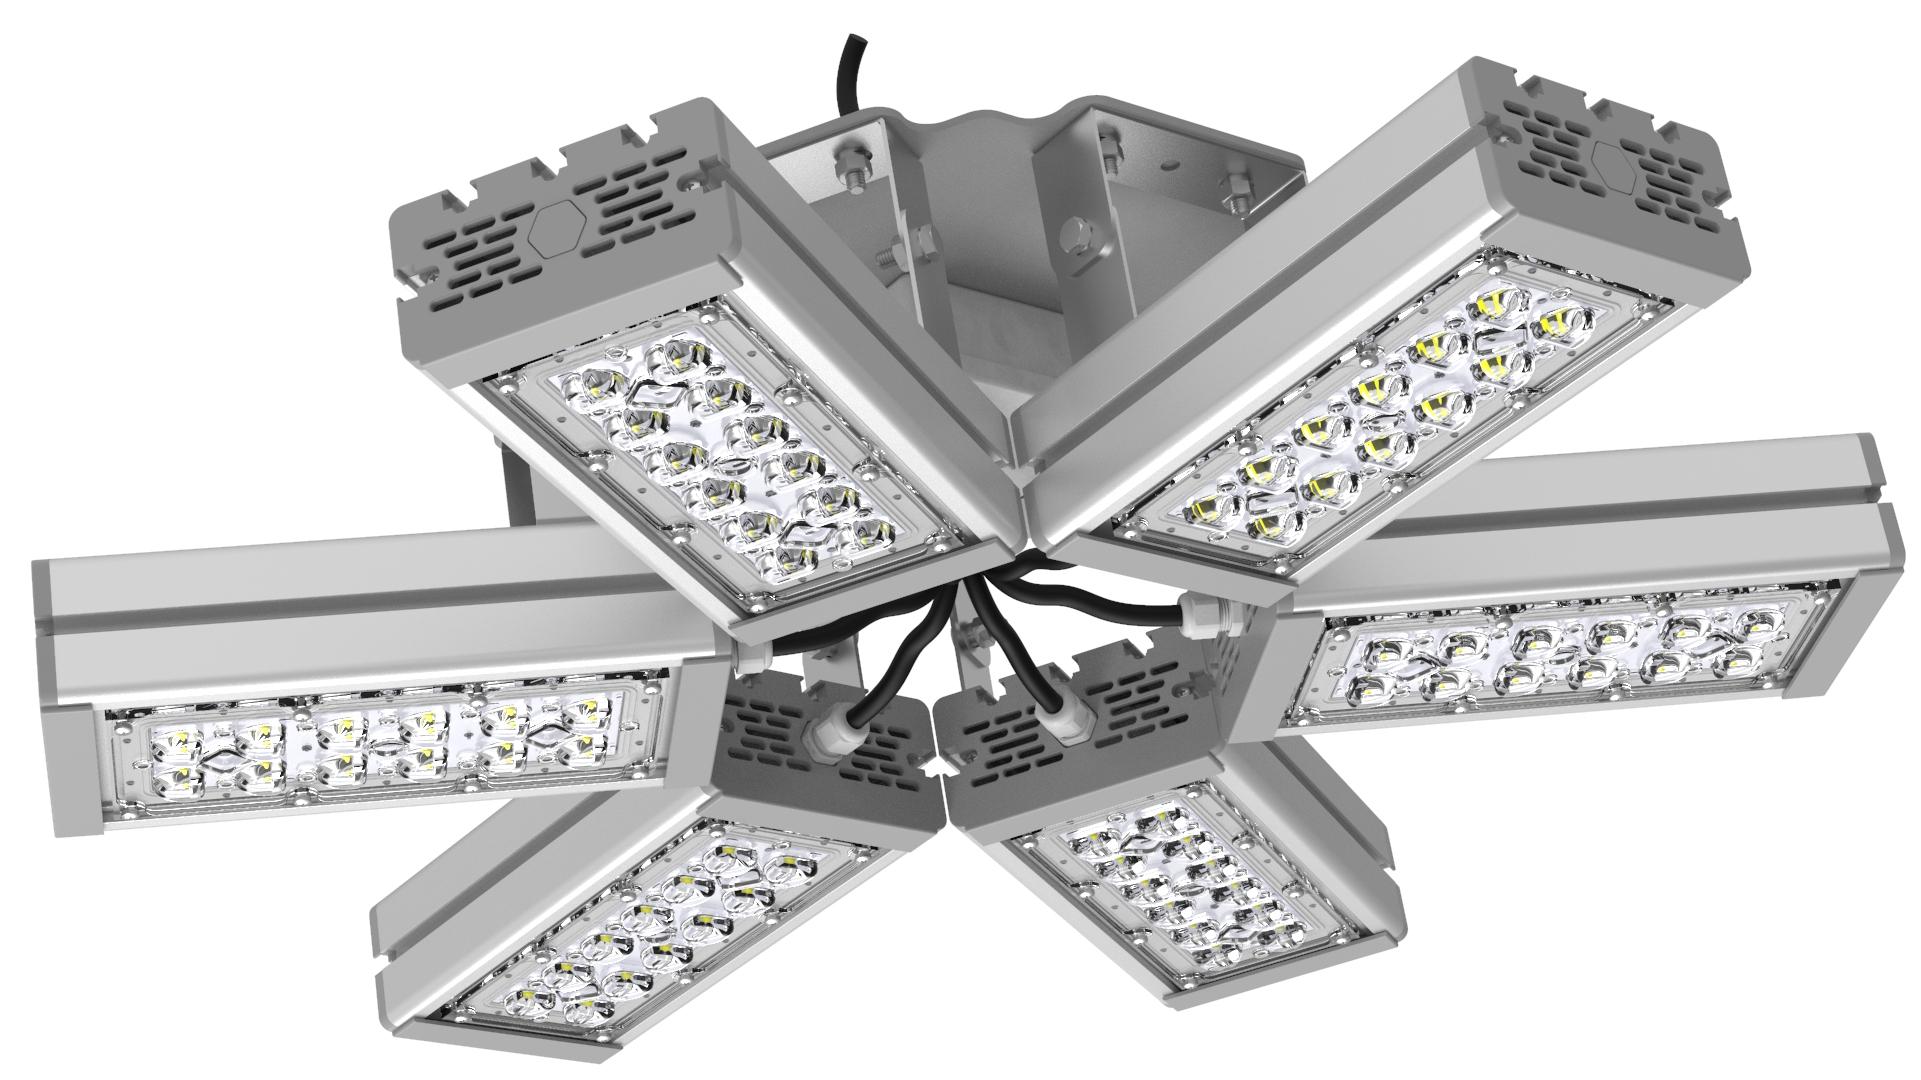 Светильник подвесной Ромашка High-Bay SVT-P-FLOWER-162Вт-58 (с защитой от 380В, трос)